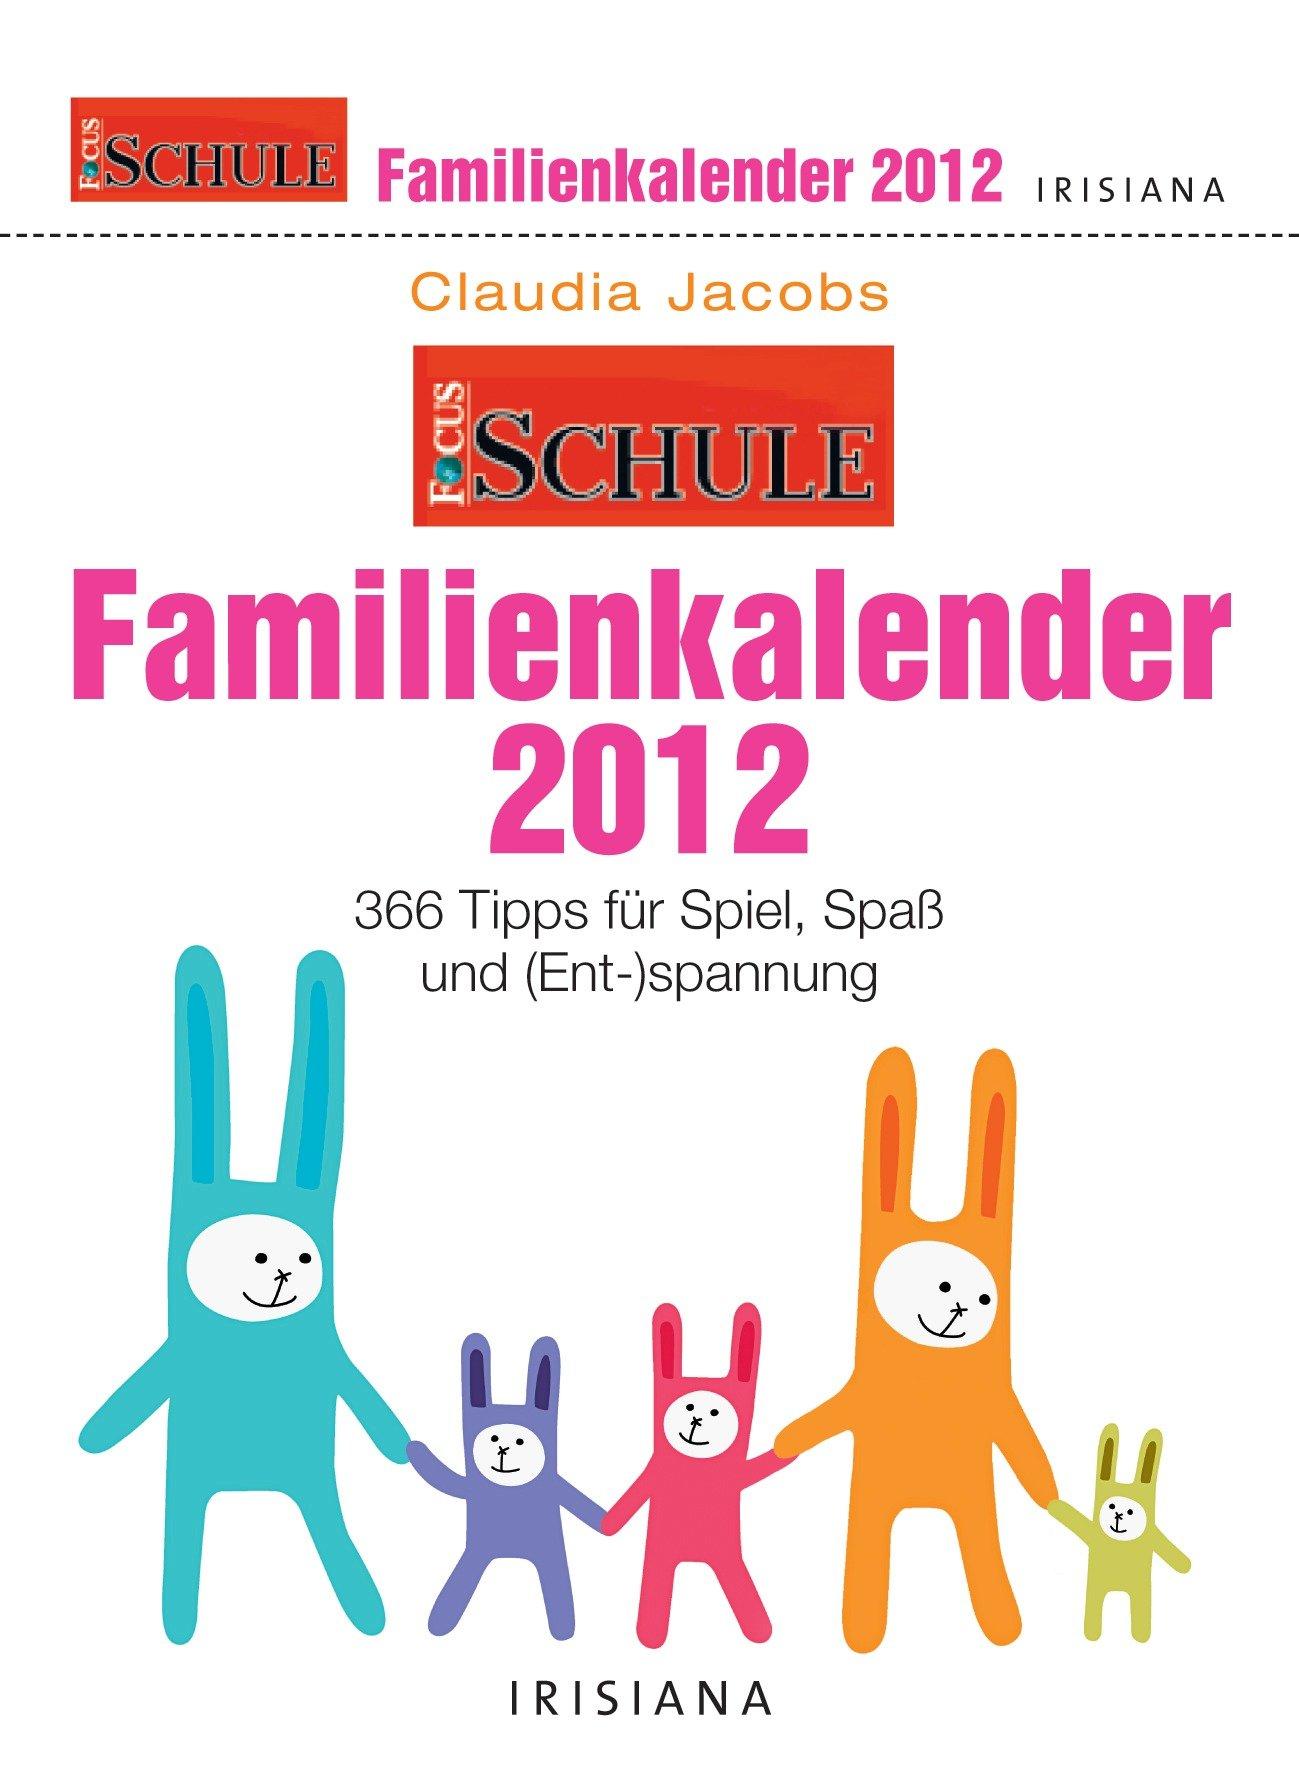 focus-schule-365-tipps-fr-familien-2012